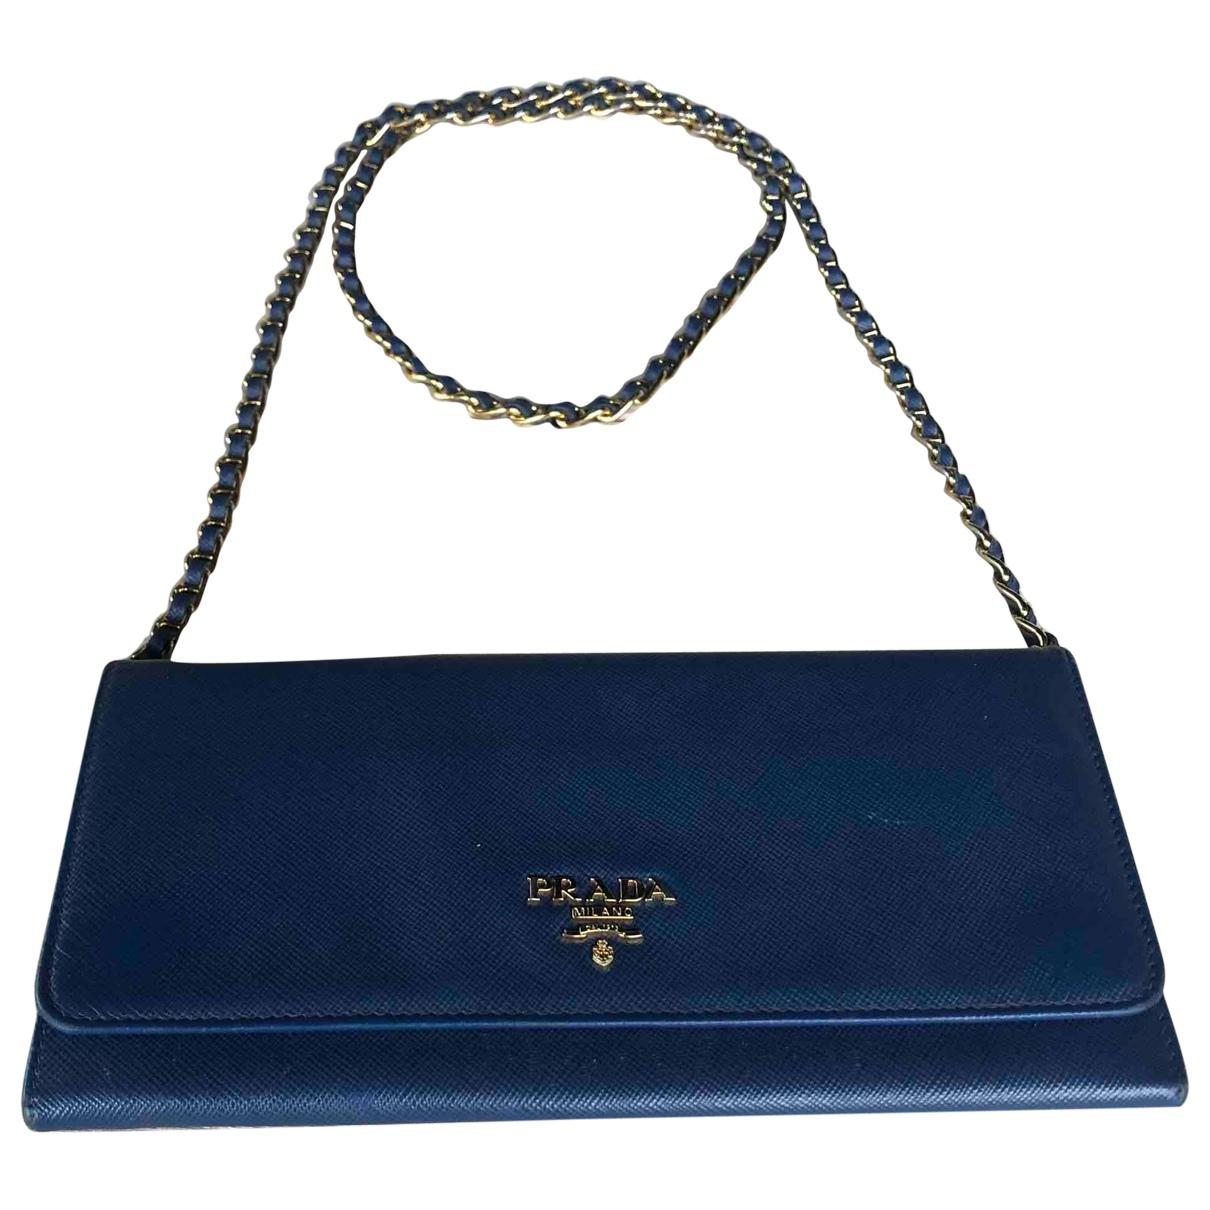 Prada \N Blue Leather Clutch bag for Women \N